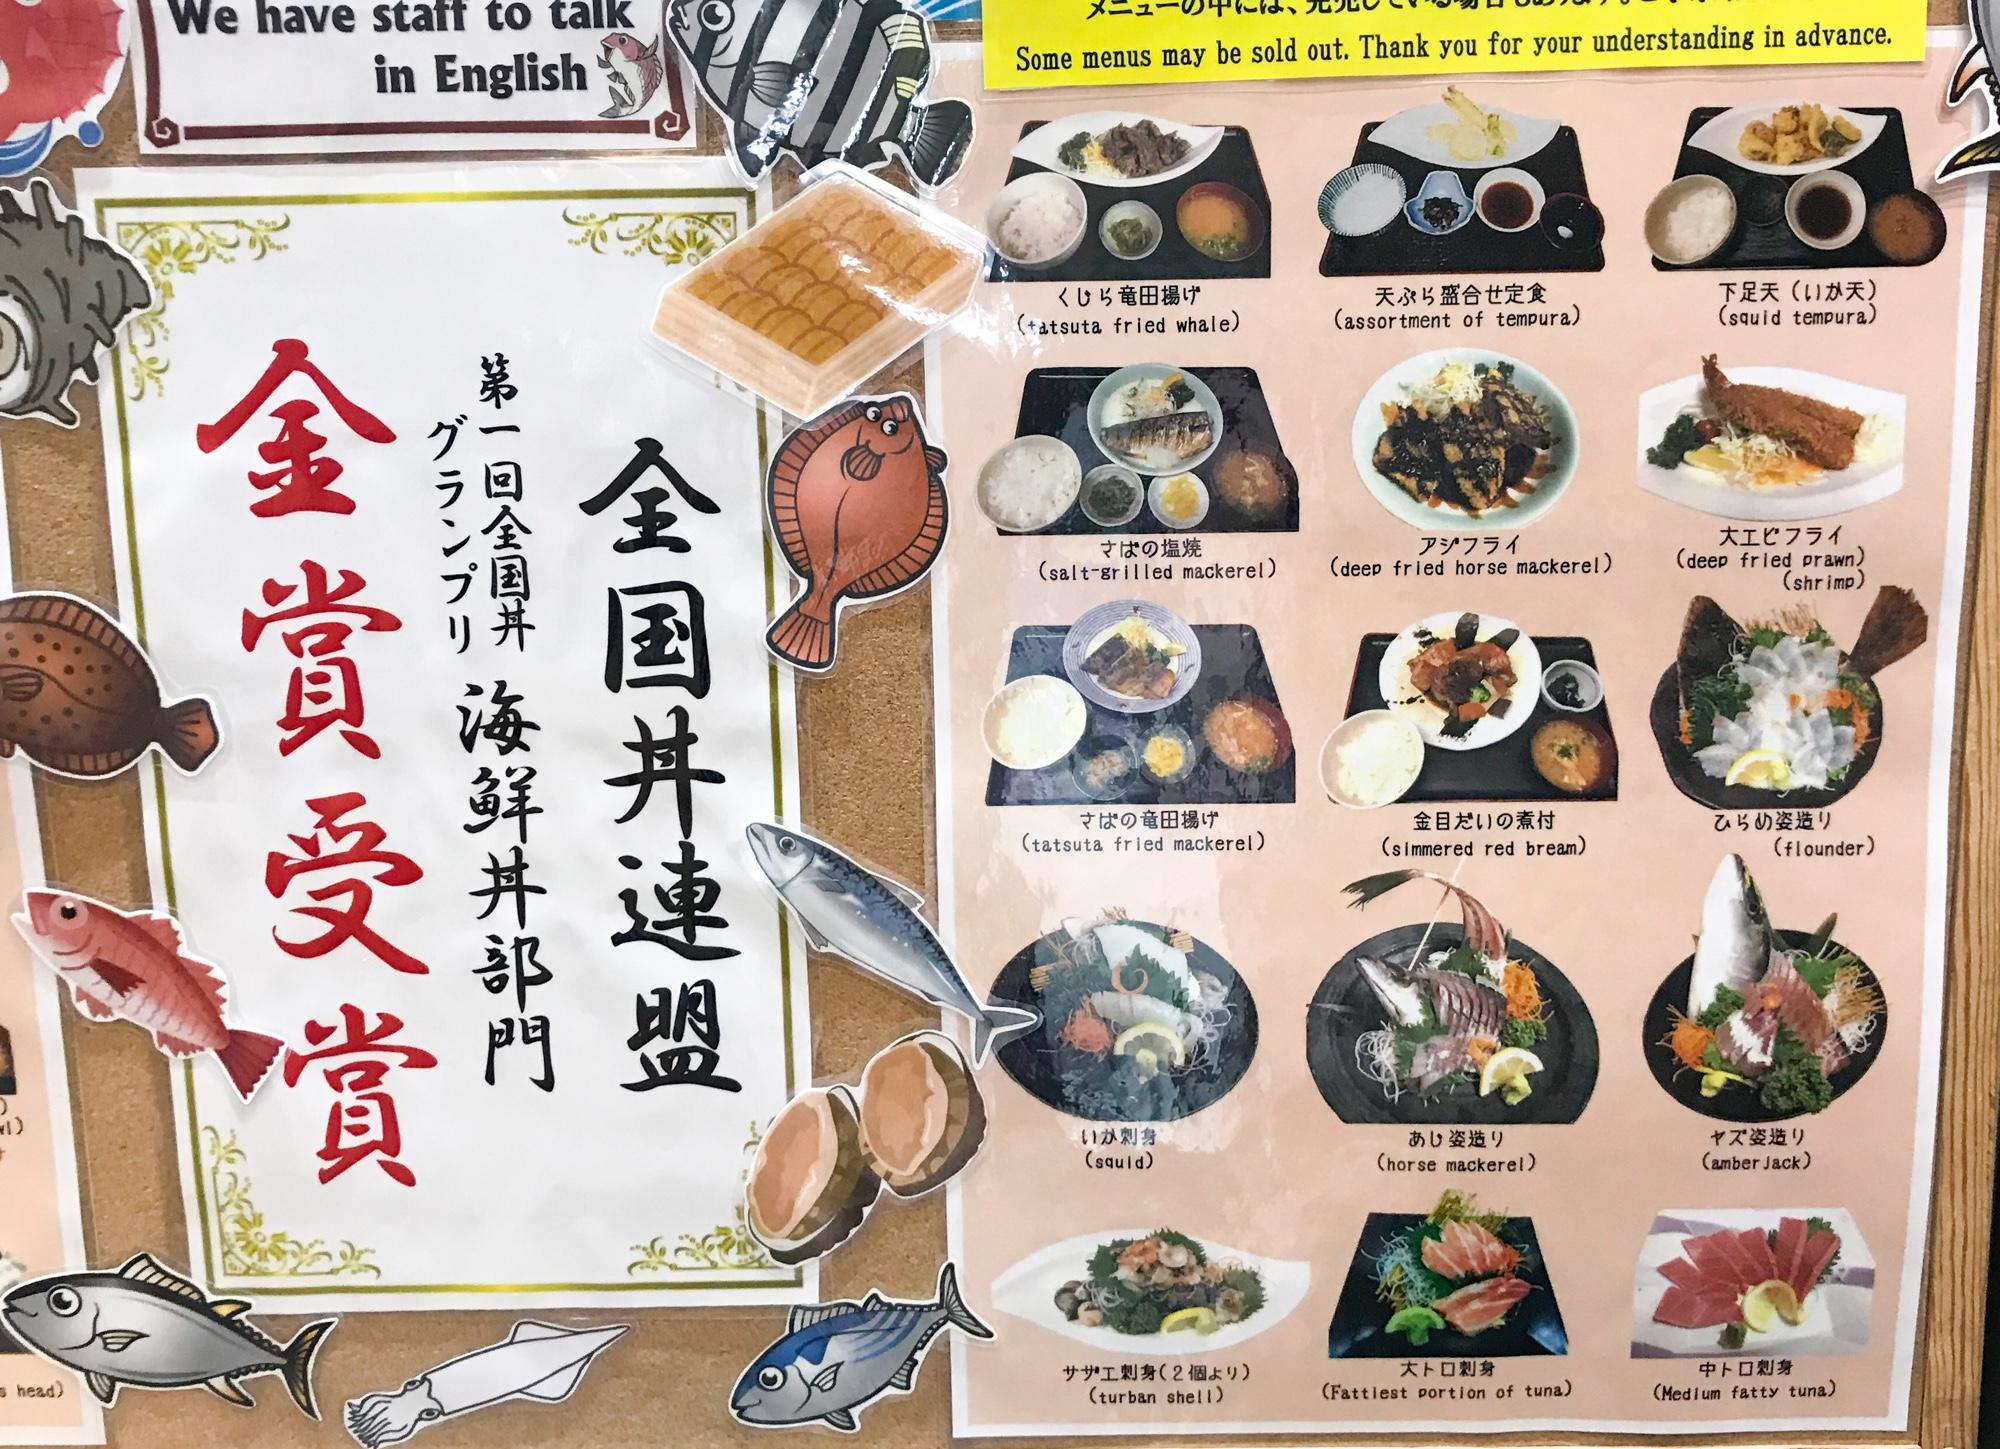 福岡長浜 鮮魚市場 朝食 朝ごはんが食べられる 博多魚がし